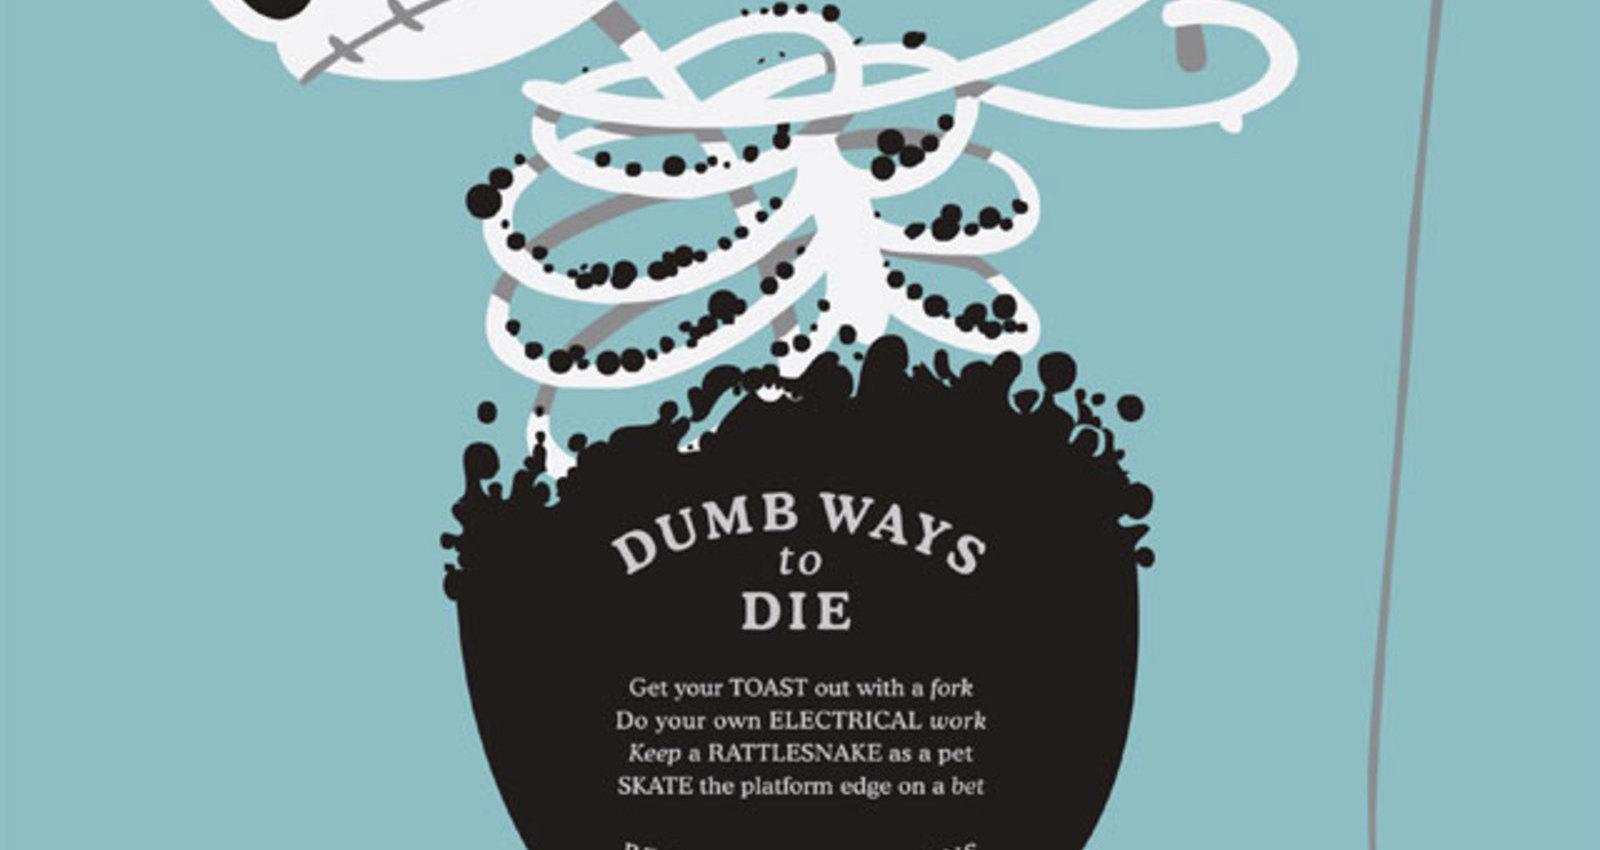 Dumb Ways To Die - Toast